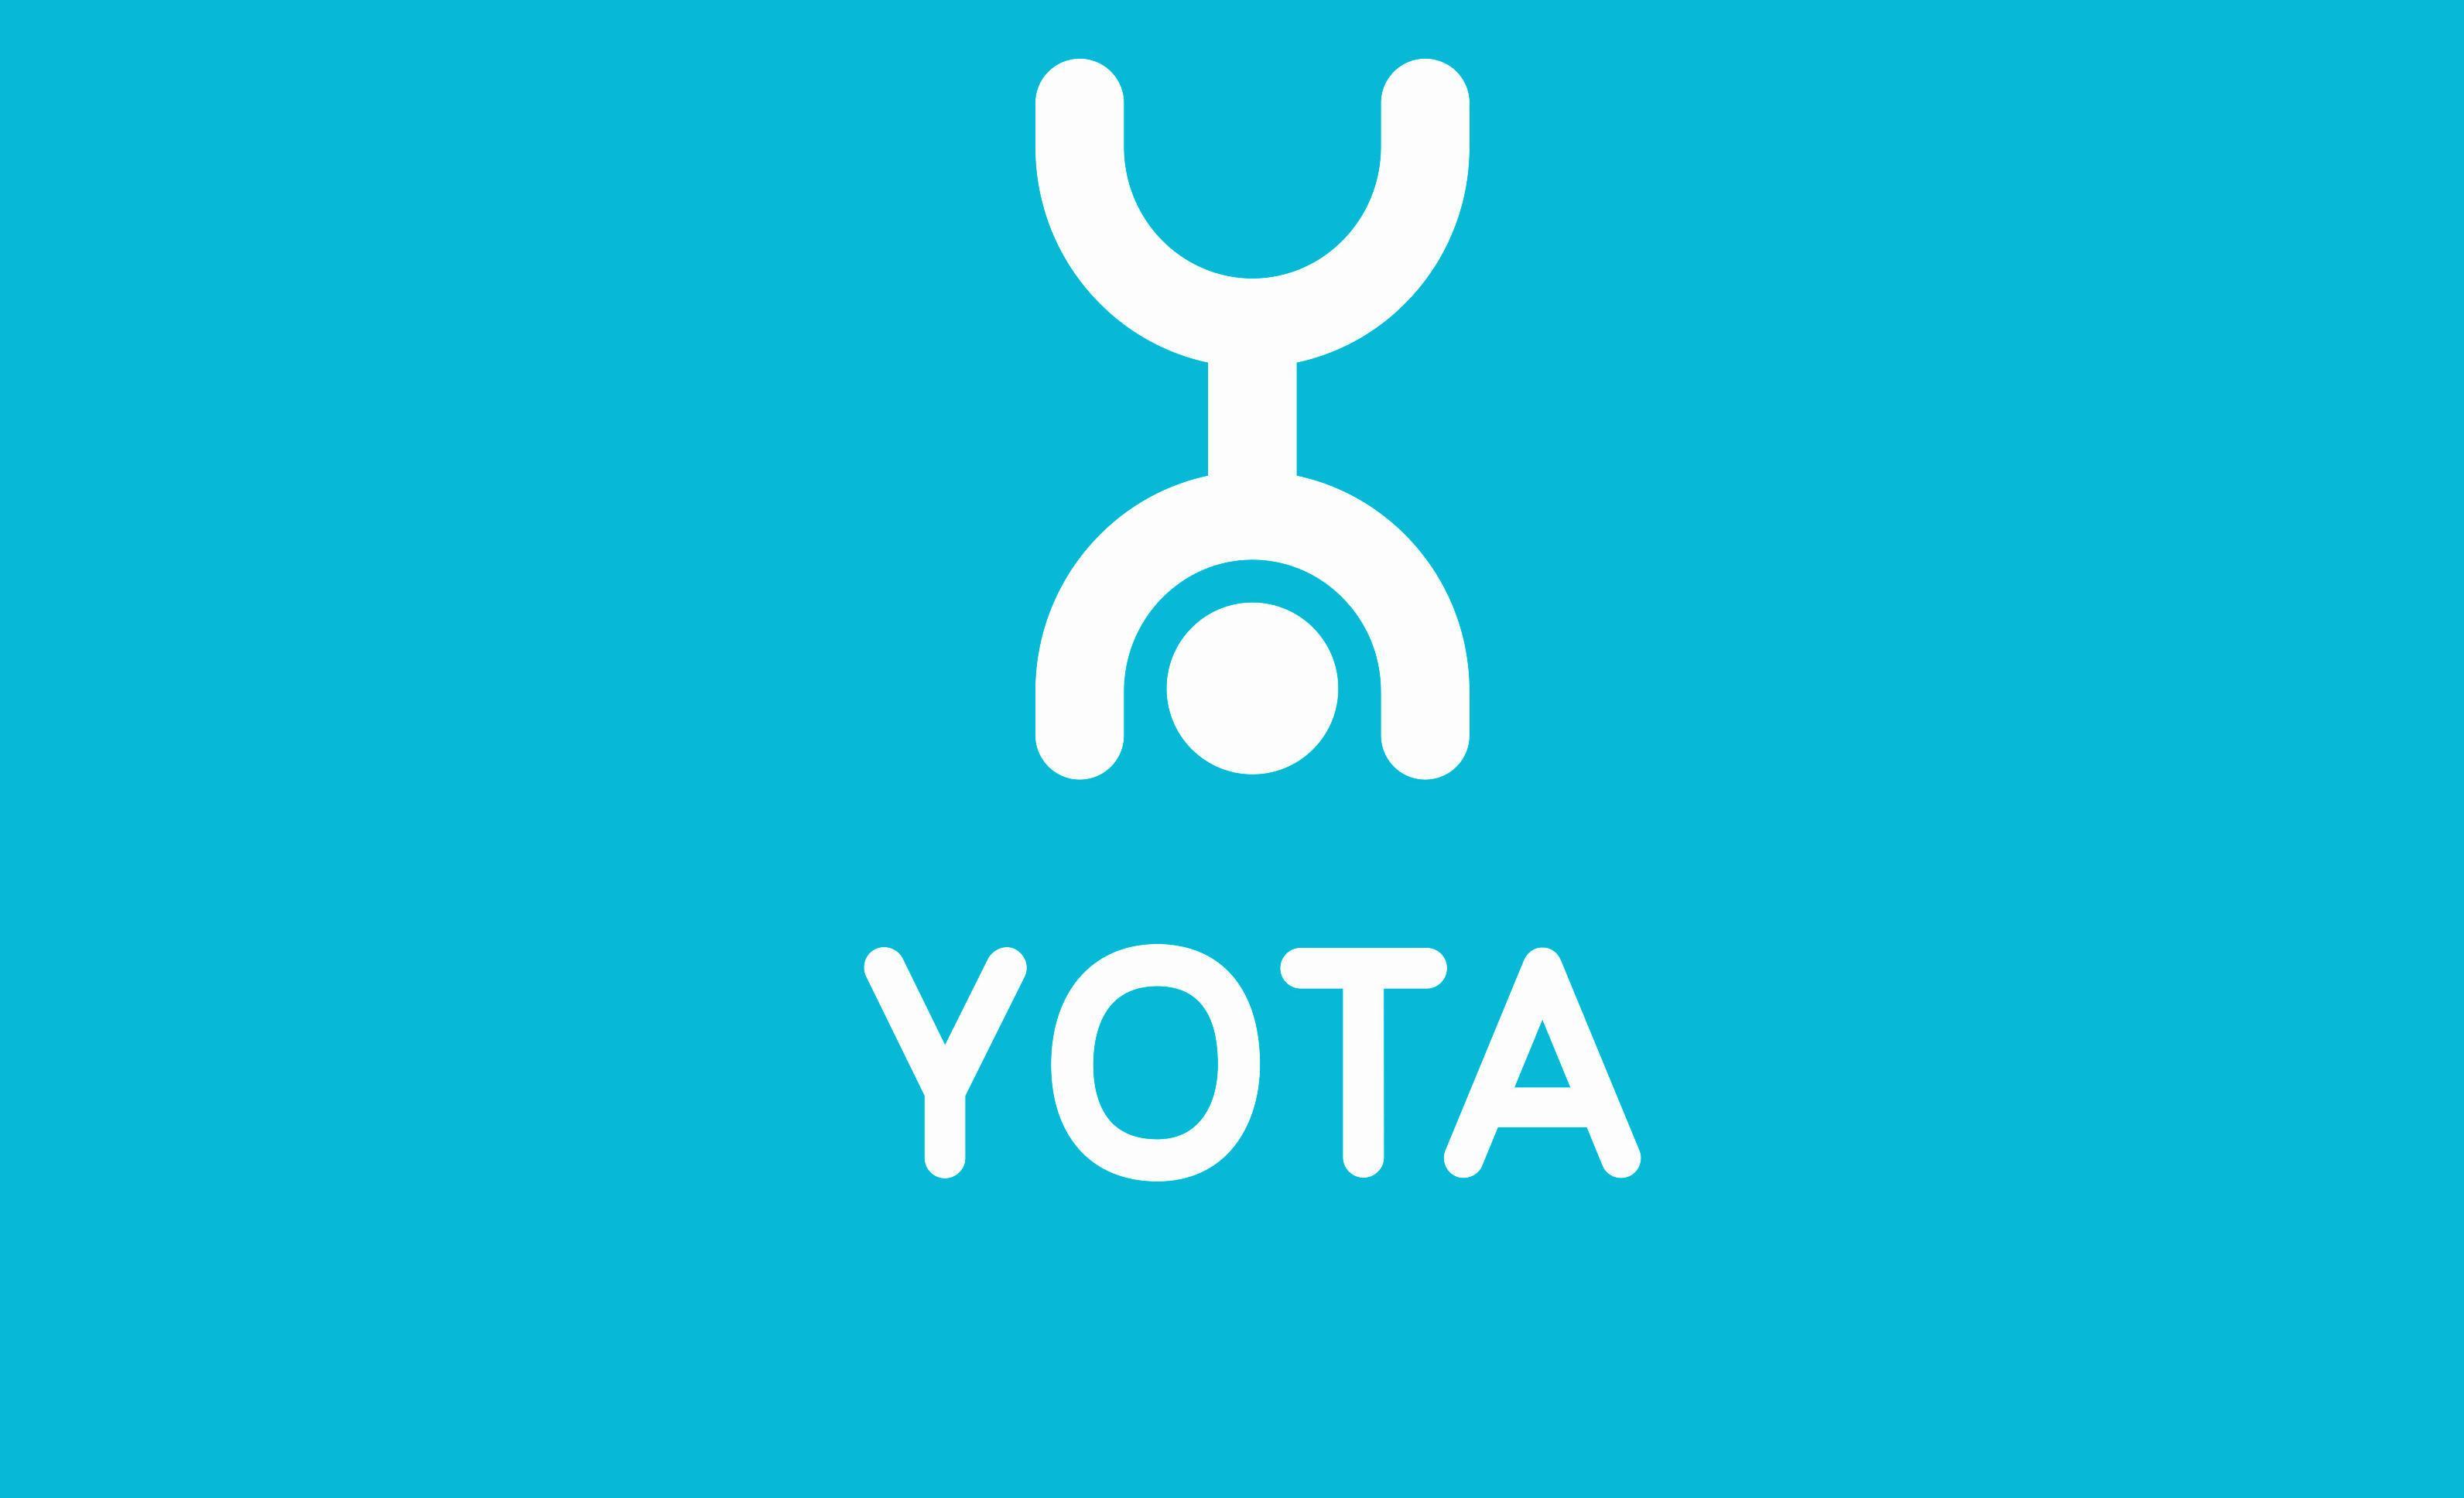 Обновленный русский смартфон: Yota стала лучше